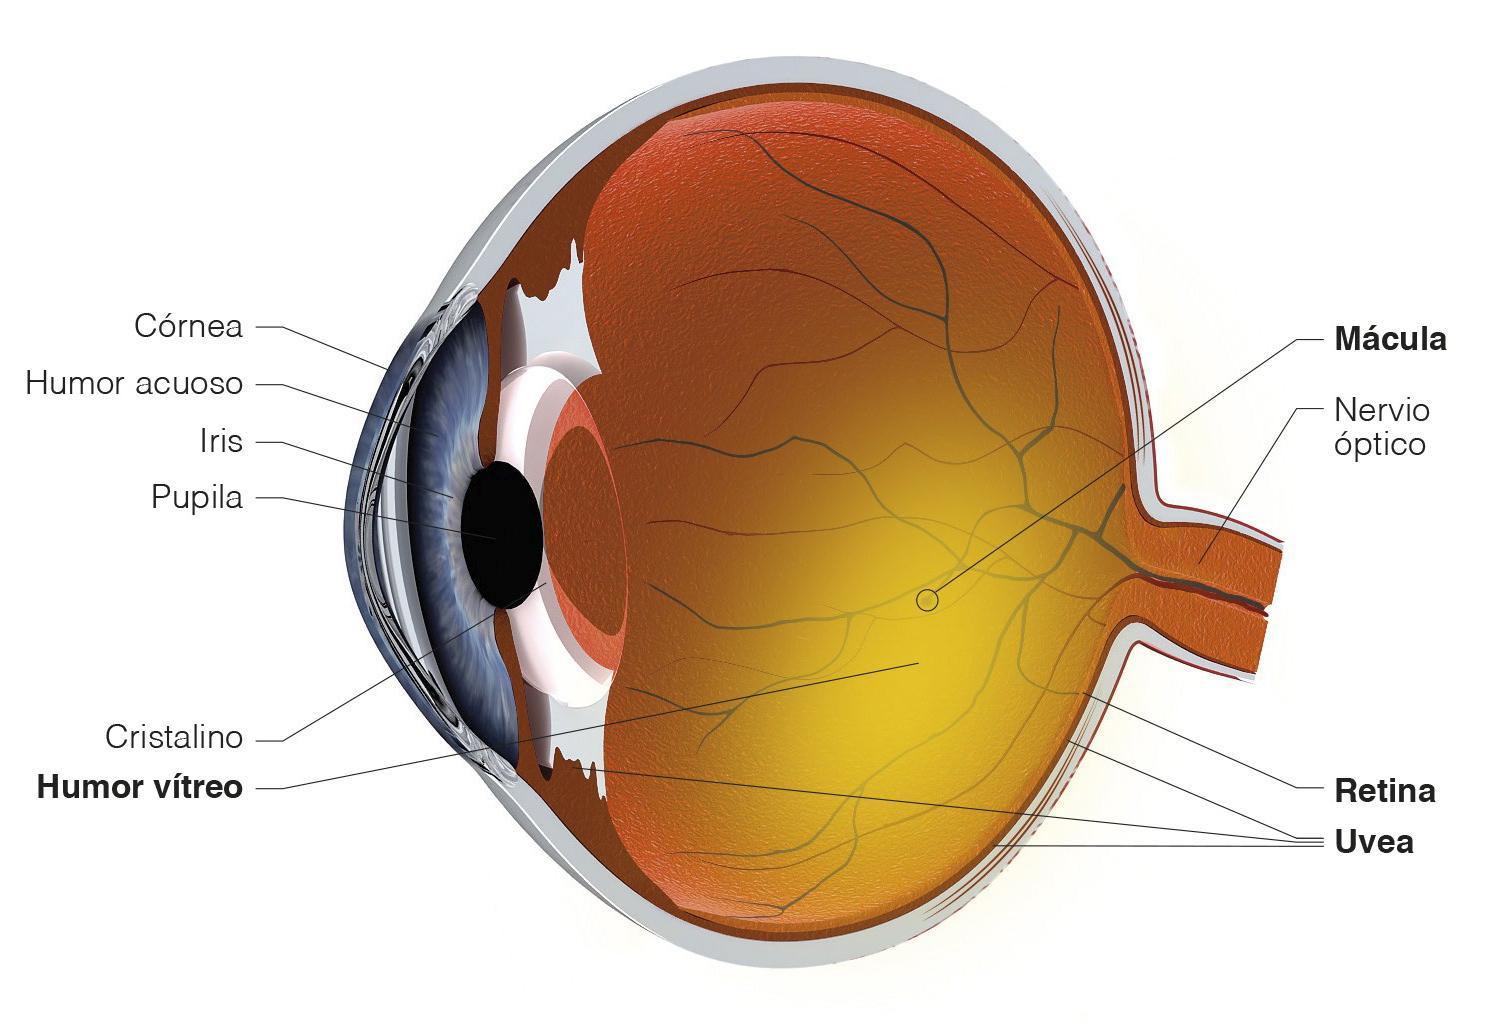 2f6e4f5102 Qué son las cataratas en los ojos y por qué se producen? | Blog de ...